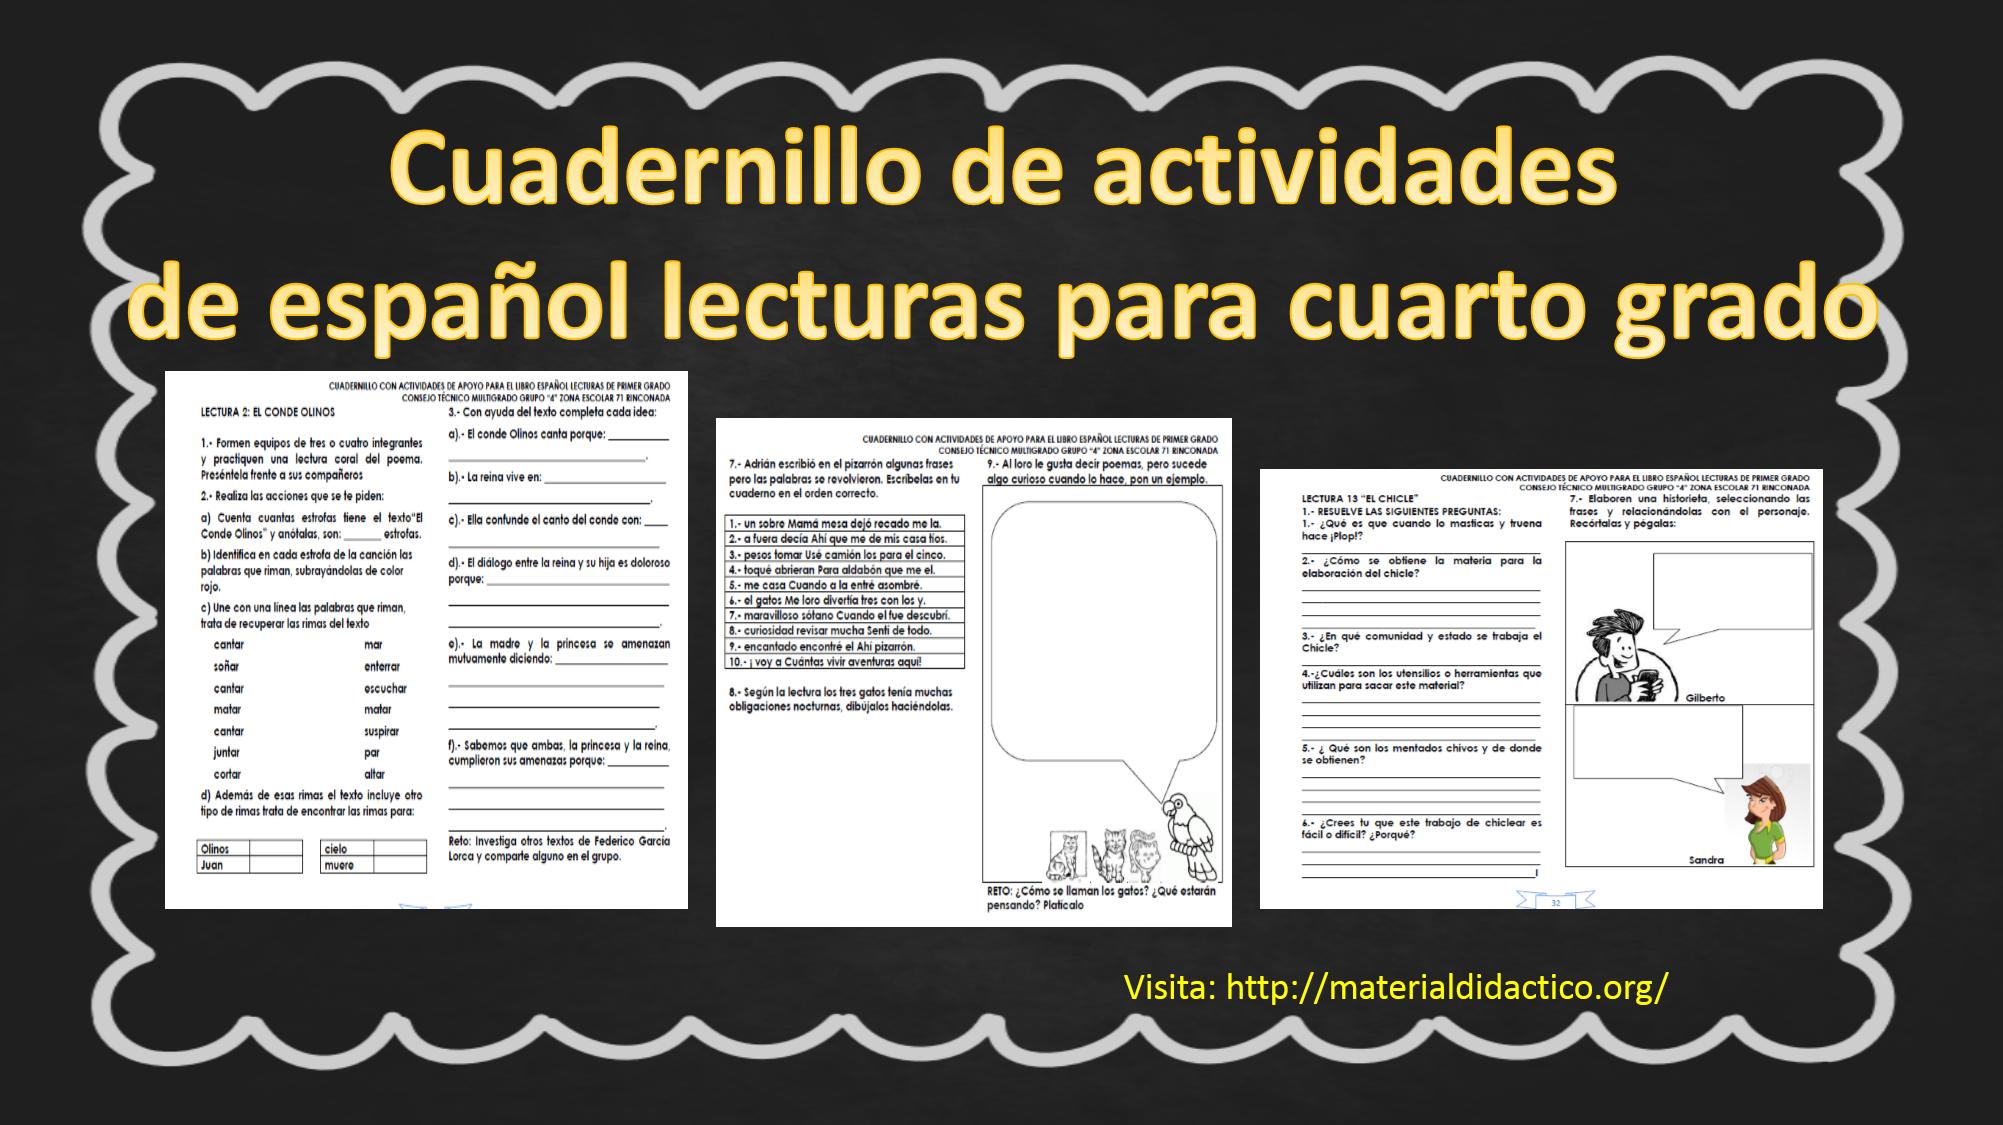 Cuadernillo de actividades de español lecturas para cuarto grado ...